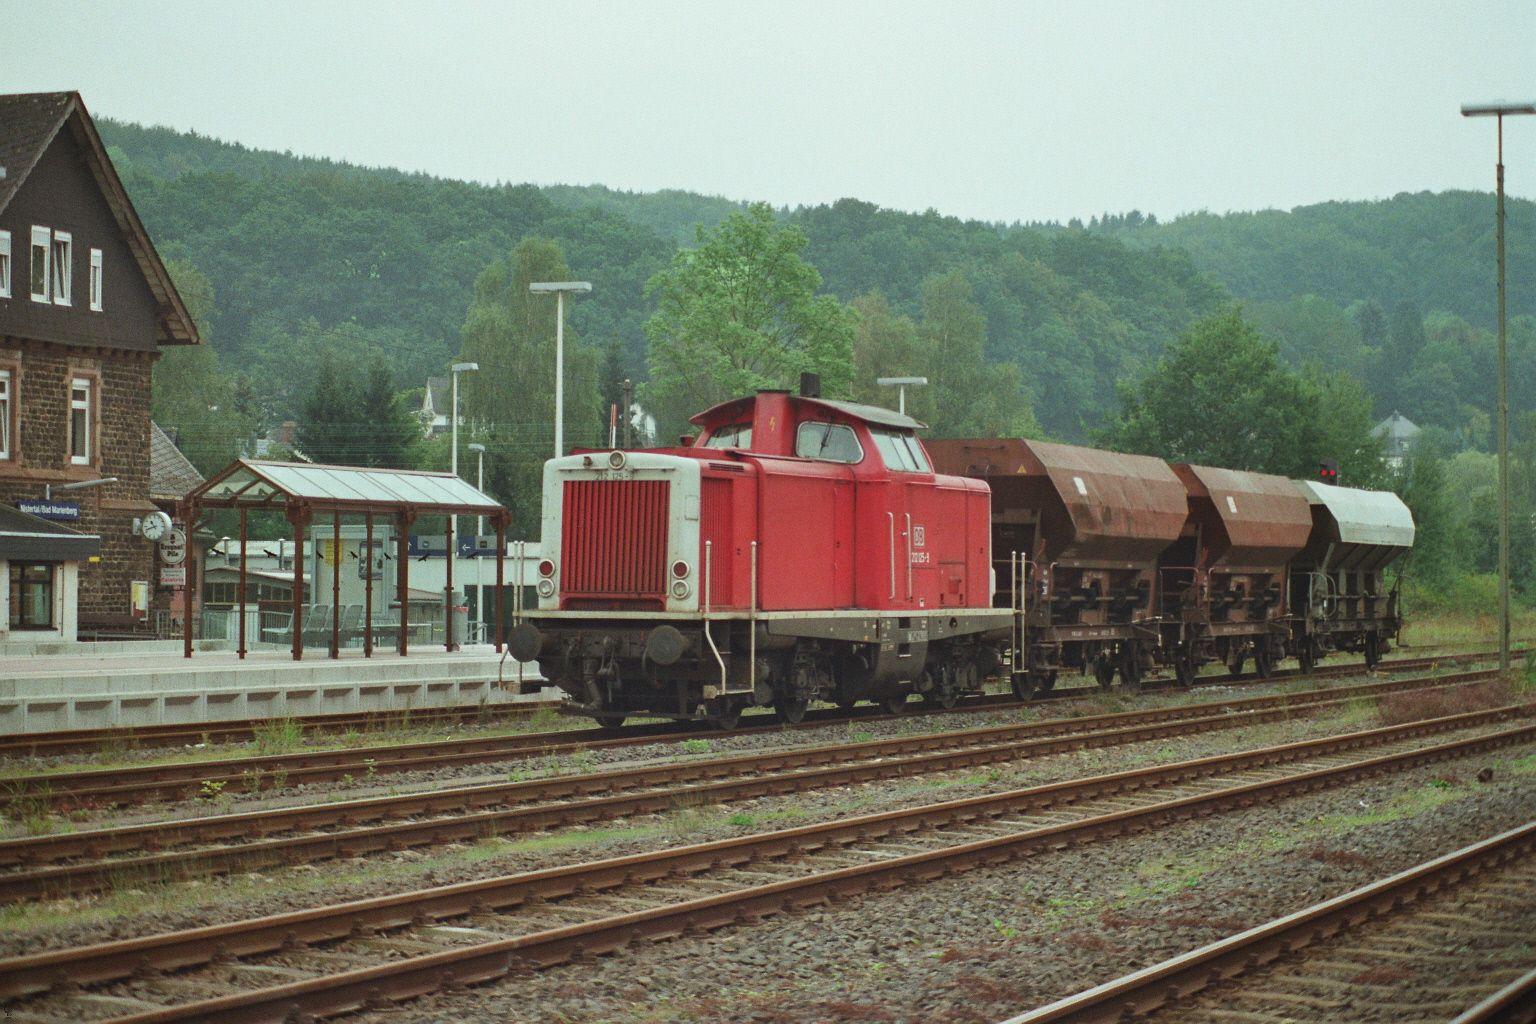 1999.09.20. 212-125 in Bad Marienberg-Erbach auf dem Westerwald mit leeren Schotterwagons